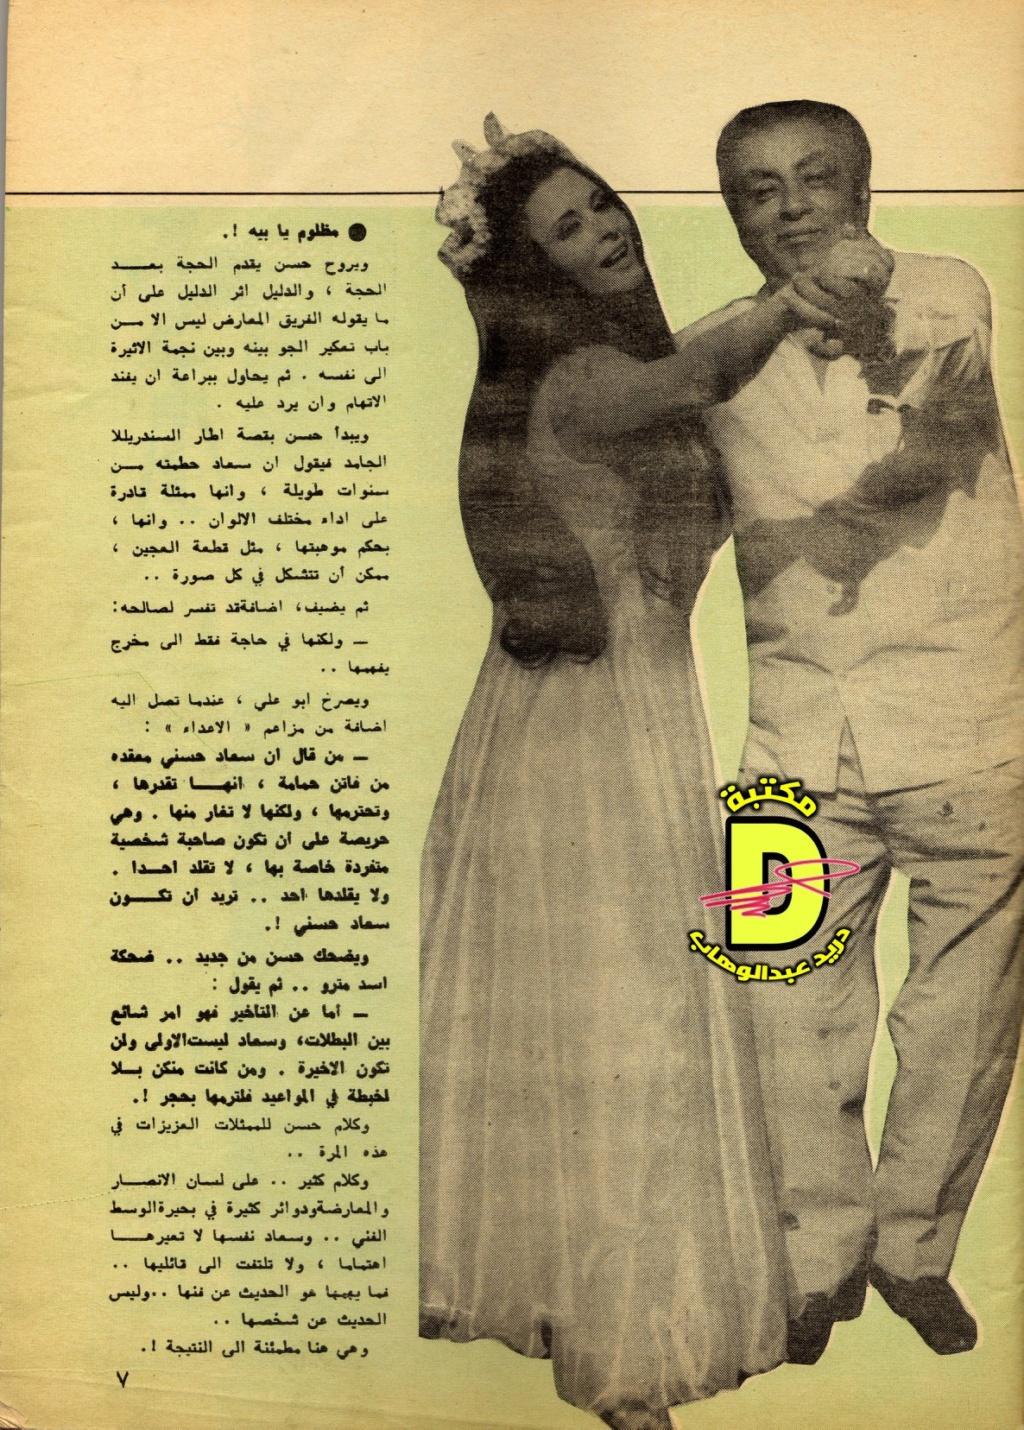 مقال صحفي : معركة كلامية وراء الكواليس .. حول سعاد حسني 1972 م 512